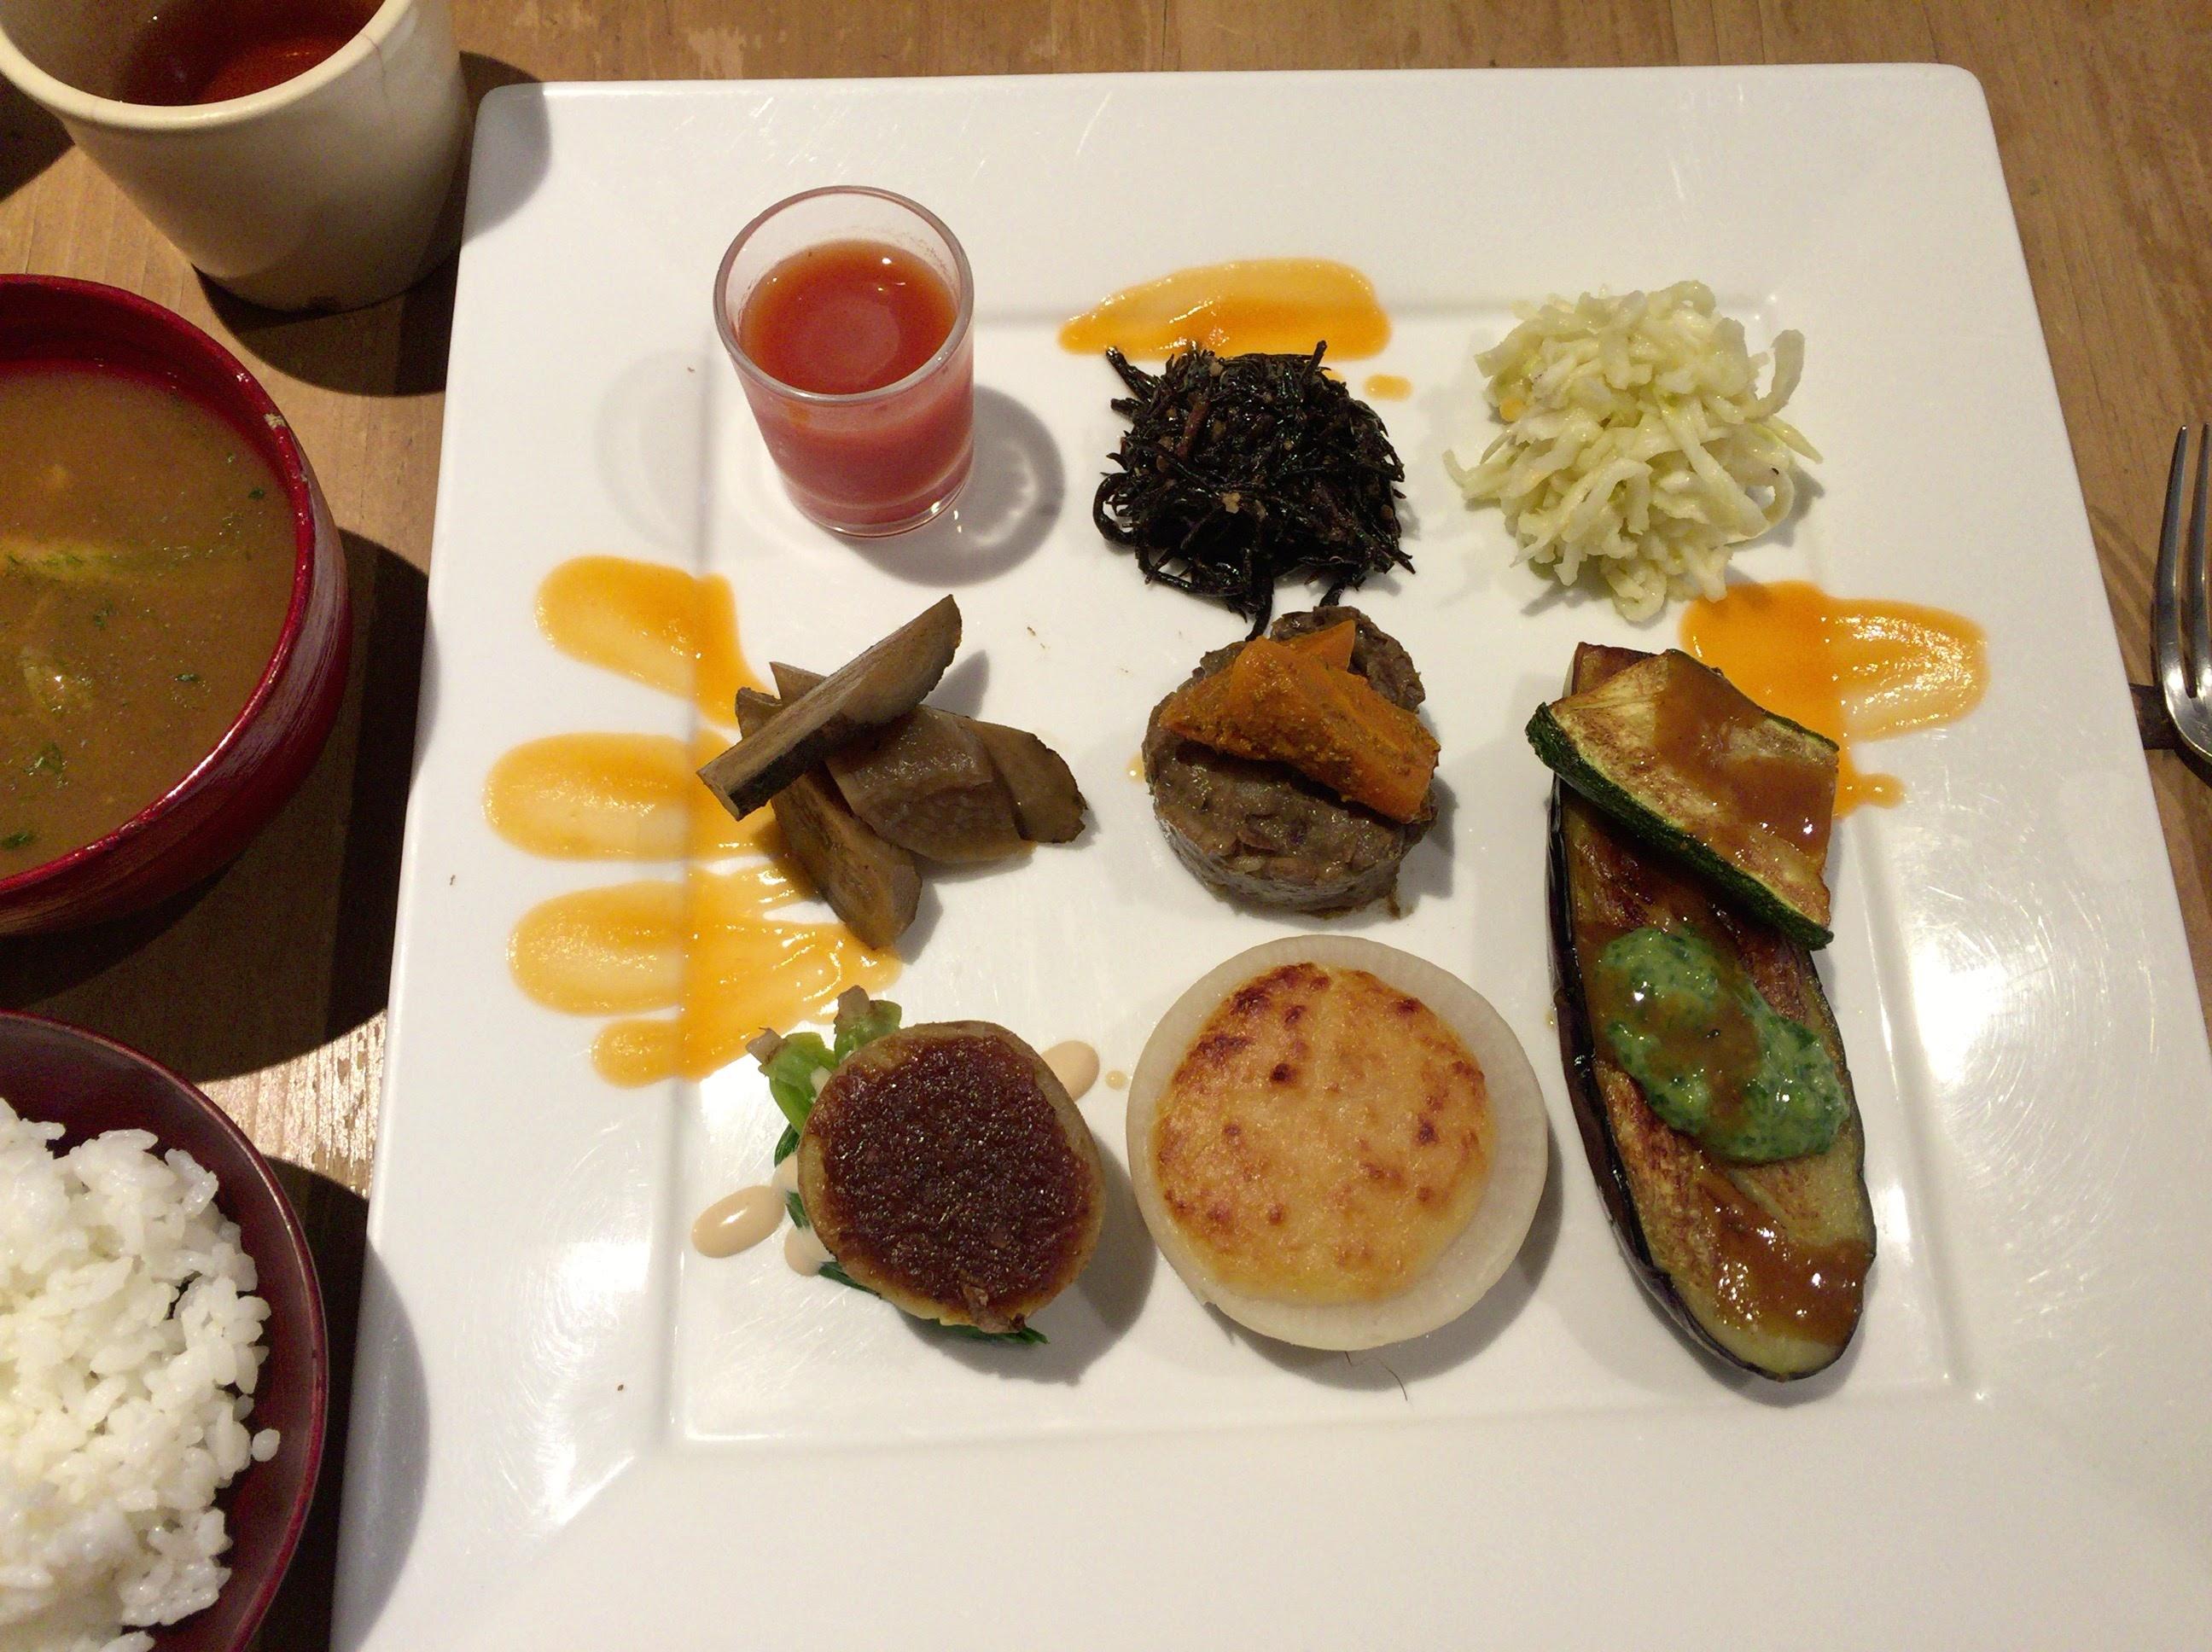 ナチュラルハーモニーの銀座にあるレストラン【日水土】で食べて来たけど、横浜の【カフェ&レストラン コア】のほうが好みでした。